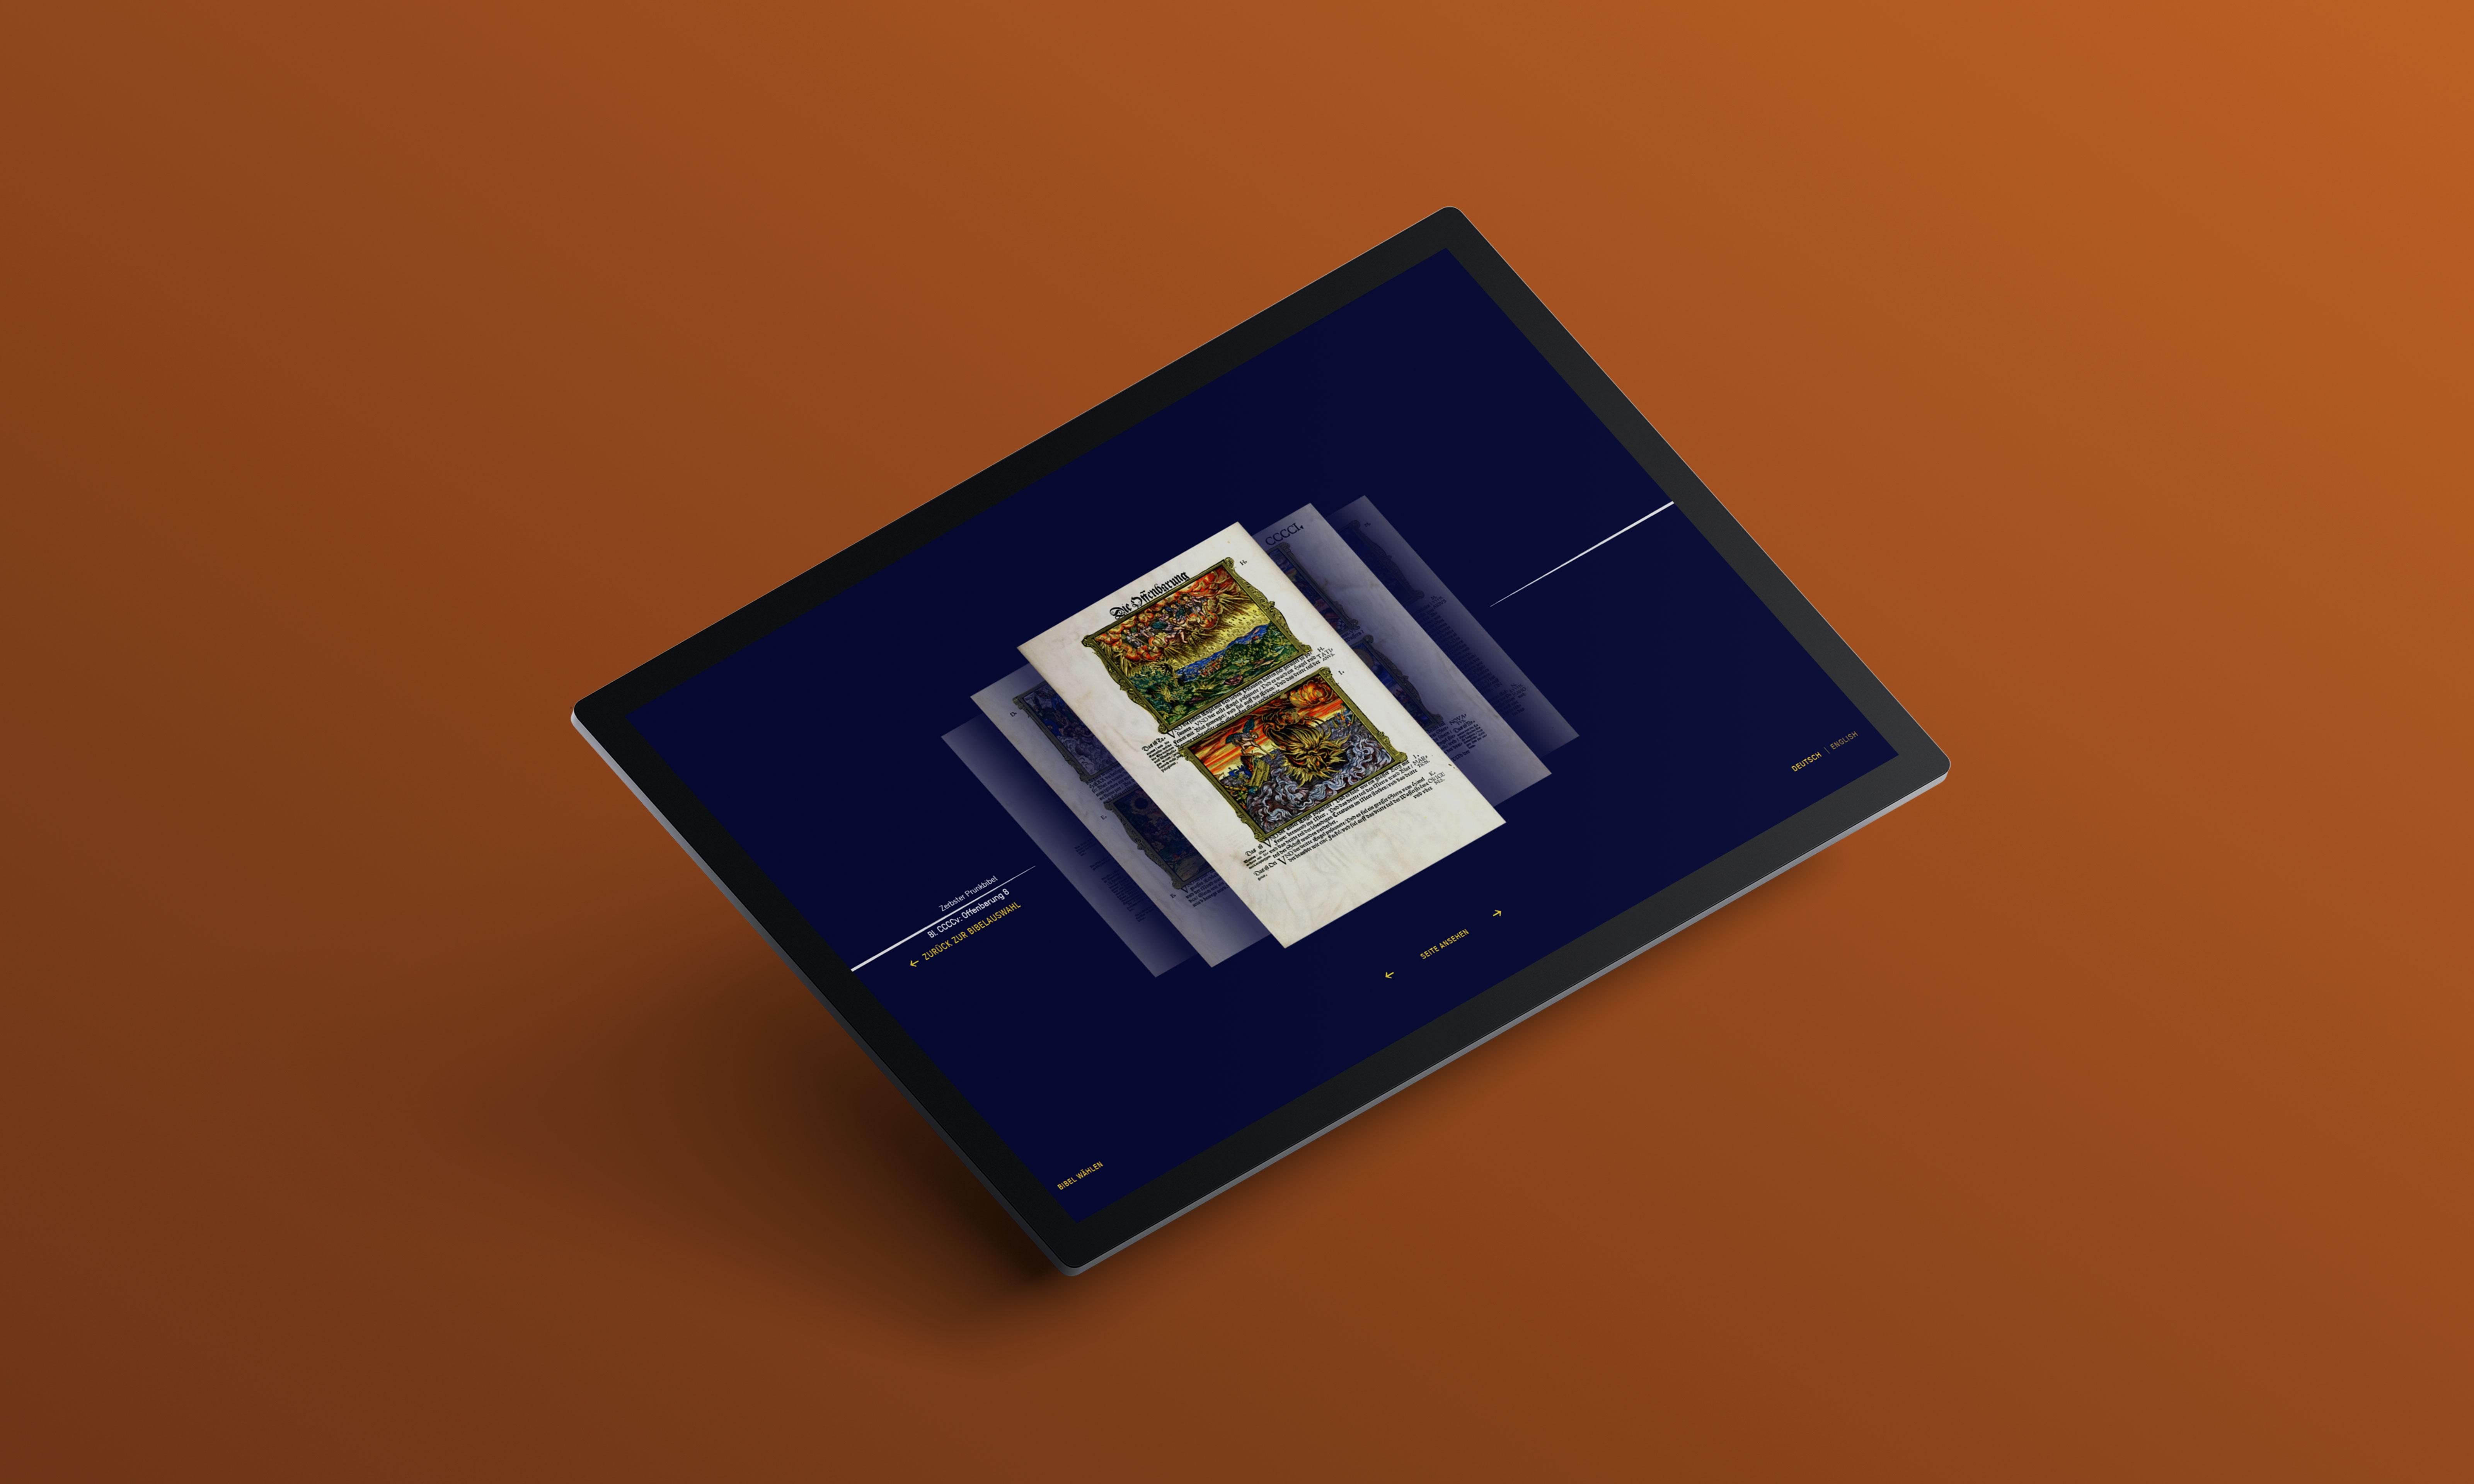 angewinkelter Touch-Screen auf braunem Hintergrund, Detailansicht der App mit der Blätterfunktion durch die Luthersche Bibel